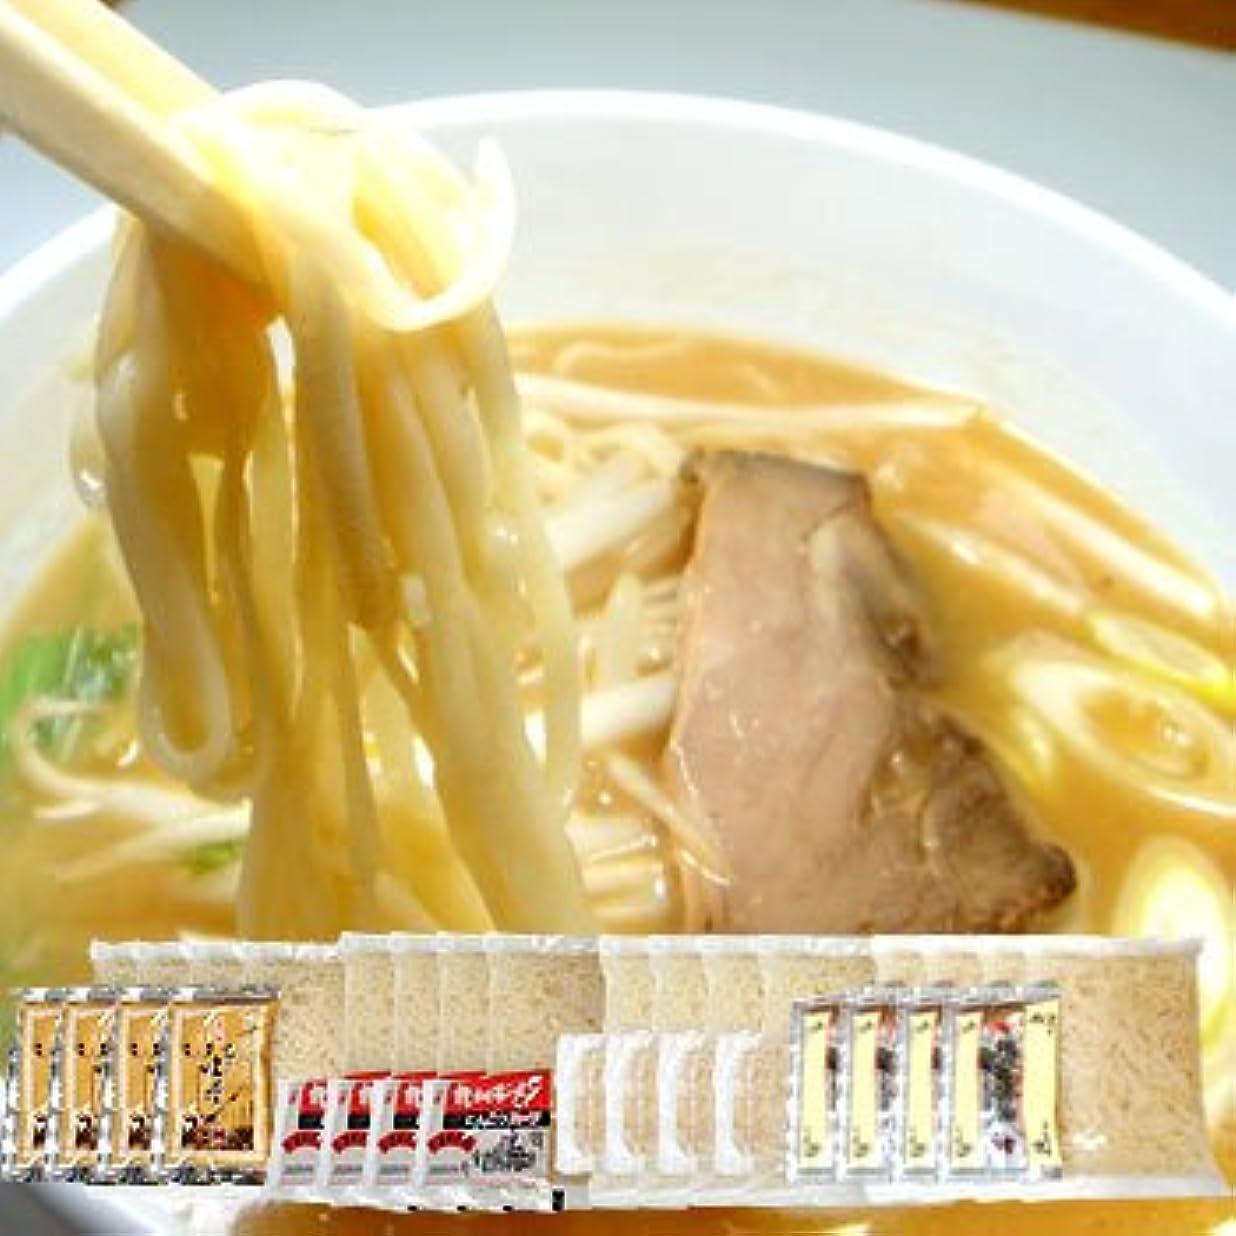 地質学邪魔するなぜこんにゃくラーメン4味16食 (味噌4、醤油4、塩4、豚骨4)【ダイエット】【ヌードル】【麺】【コラーゲン配合選べるセット】